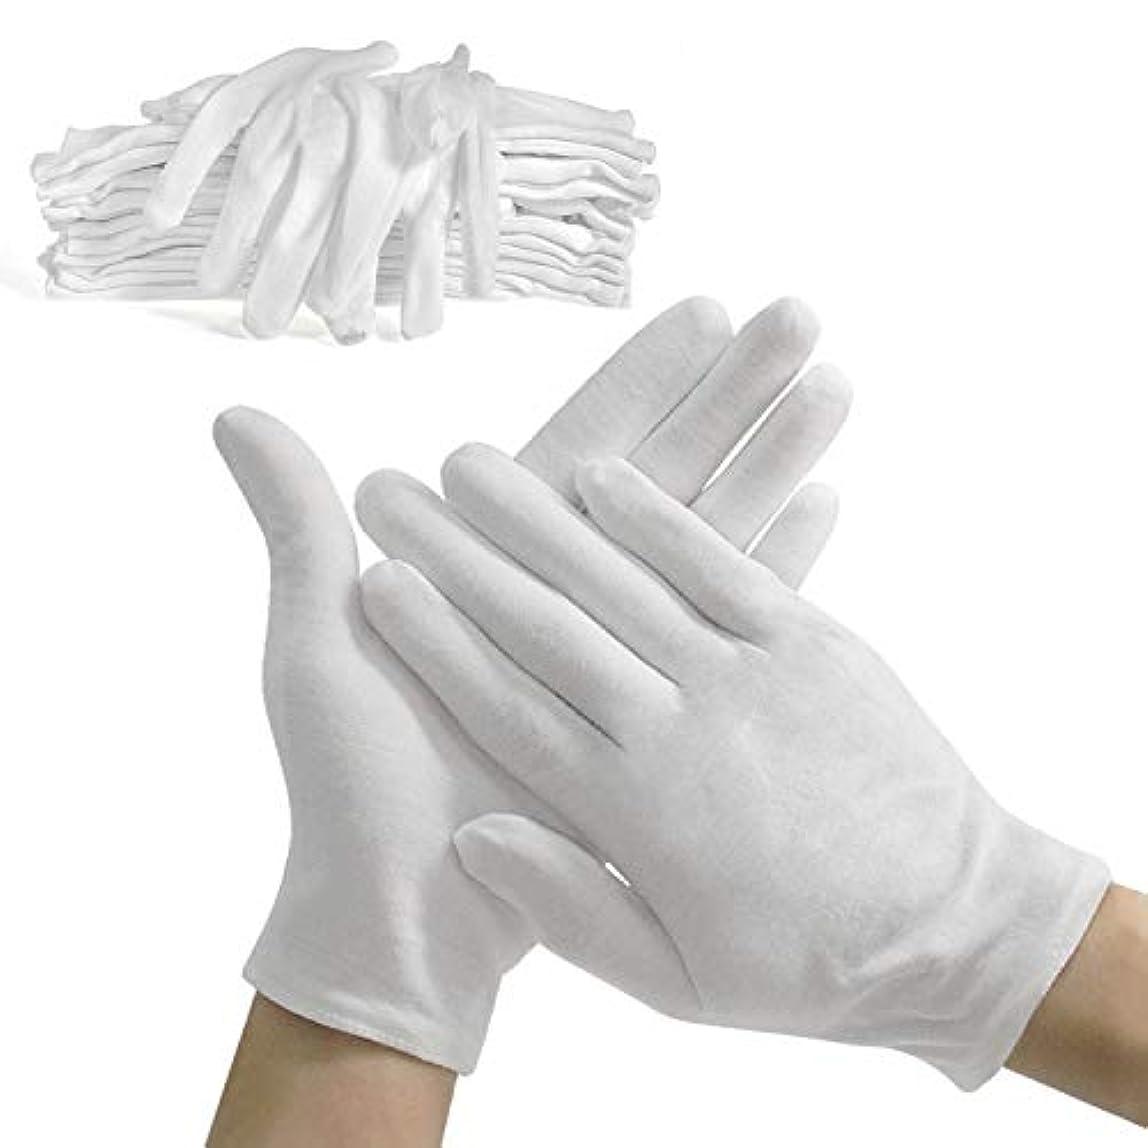 状況打撃会話使い捨て 手袋 コットン手袋 綿手袋 手荒れ 純綿100% 使い捨て 白手袋 薄手 お休み 湿疹 乾燥肌 保湿 礼装用 メンズ 手袋 レディース (XL,梱包数量100組(200)) (XL,梱包数量100組(200))